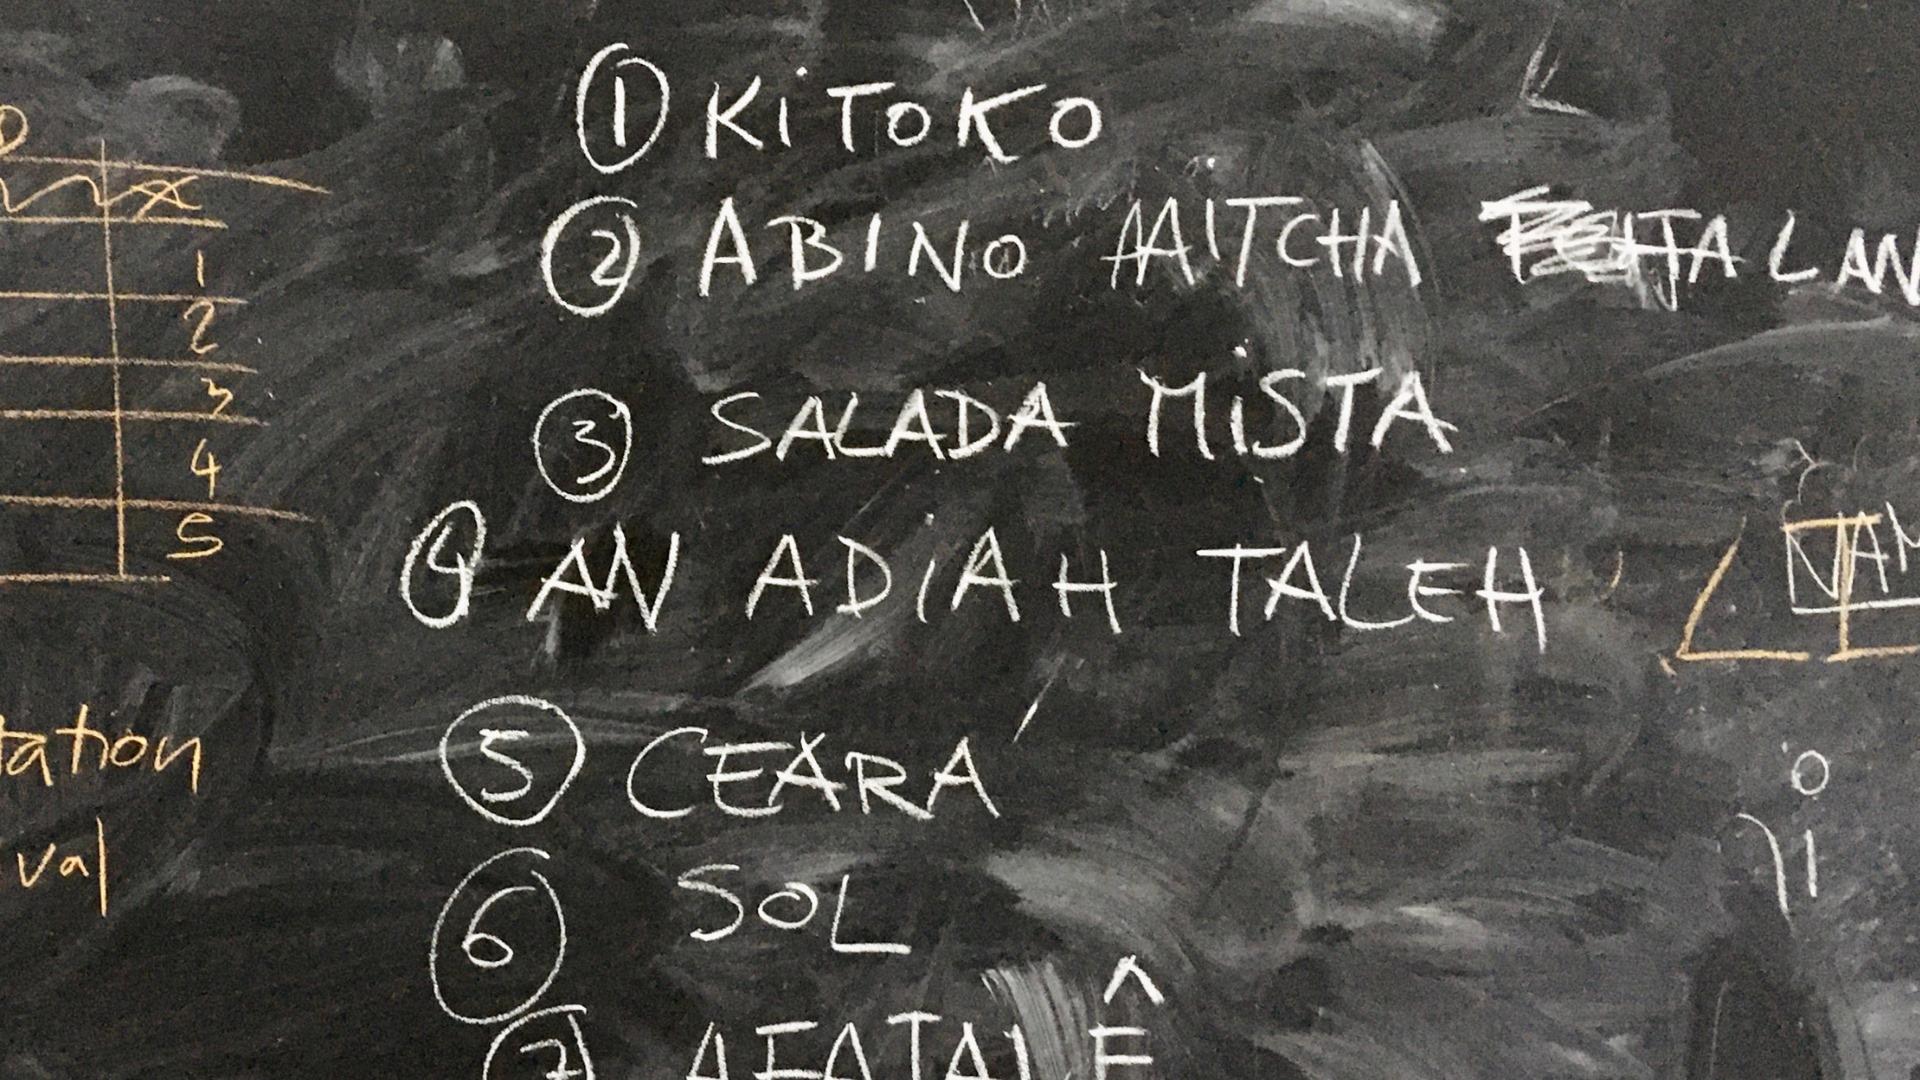 Salada Mista - Grupo  Musical do Residências Refúgio :: Bairro em Festa 2021